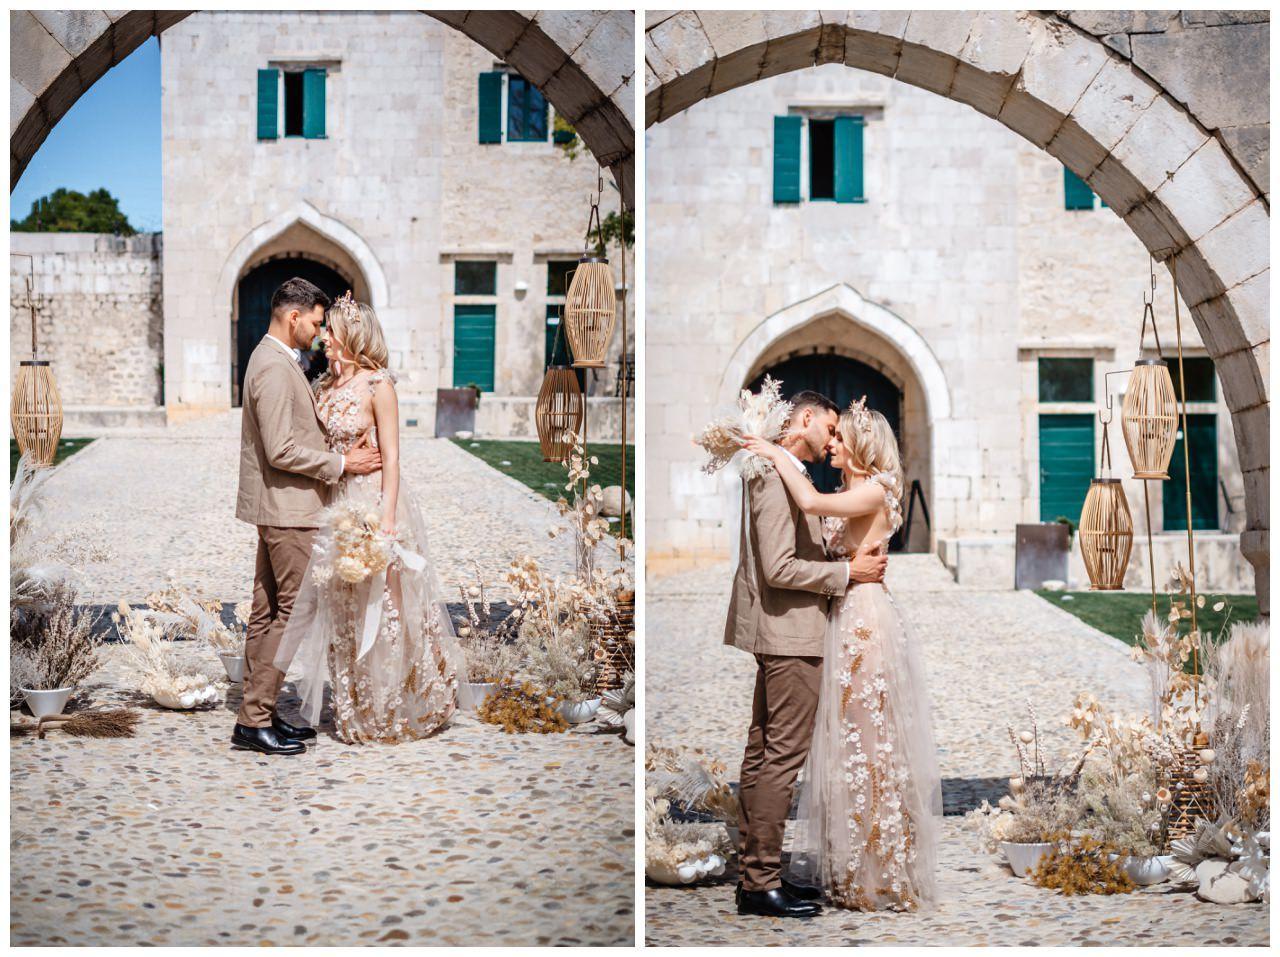 Hochzeit Kroatien Planung Hochzeitsplaner Trockenblumen Fotograf 8 - Natürliche Hochzeit mit Trockenblumen